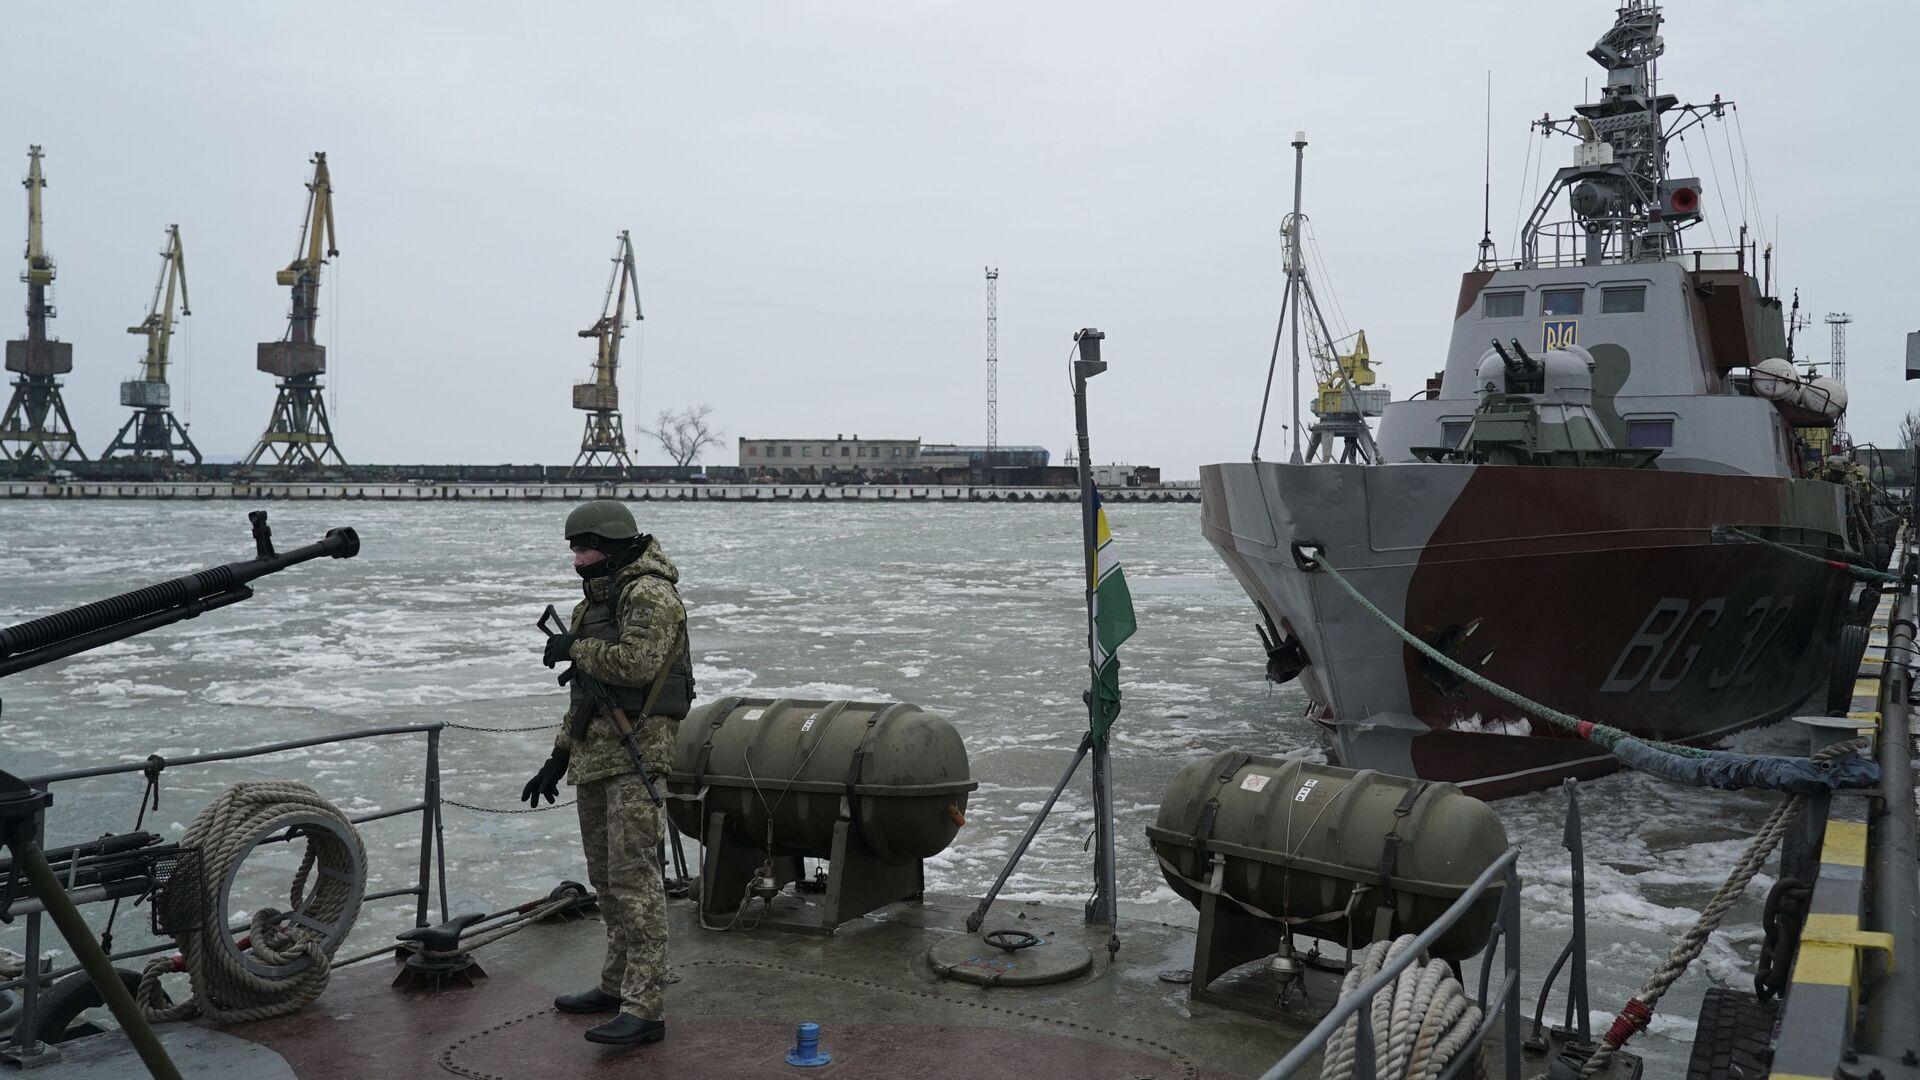 Украинский военнослужащий на борту корабля береговой охраны в порту Мариуполя - РИА Новости, 1920, 14.06.2021